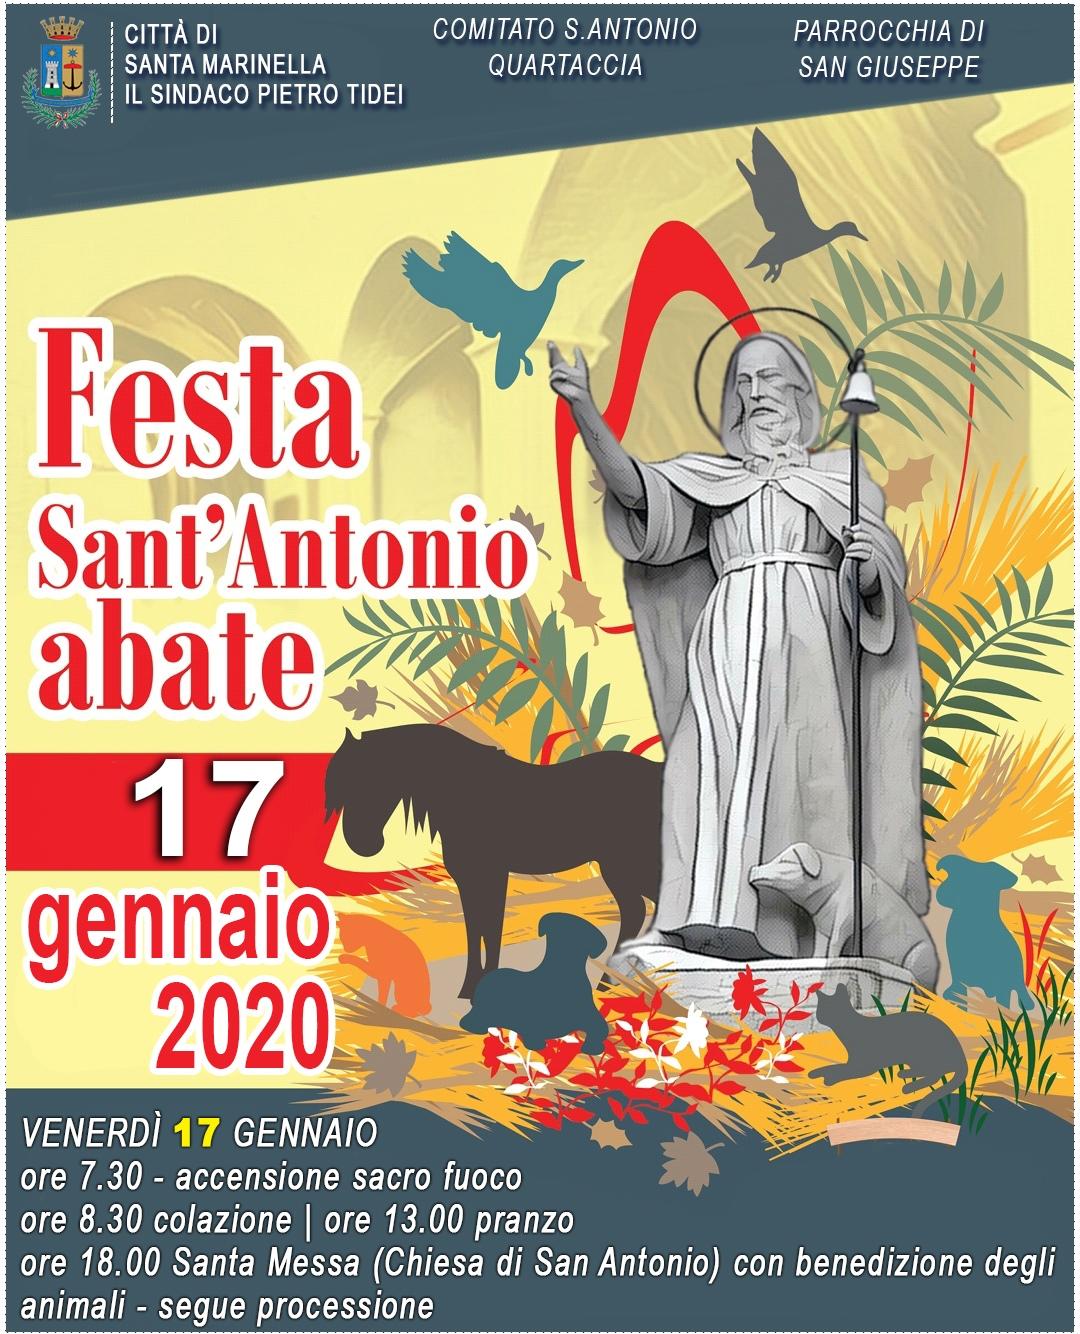 Festa di S.Antonio. Venerdì 17 gennaio 2020